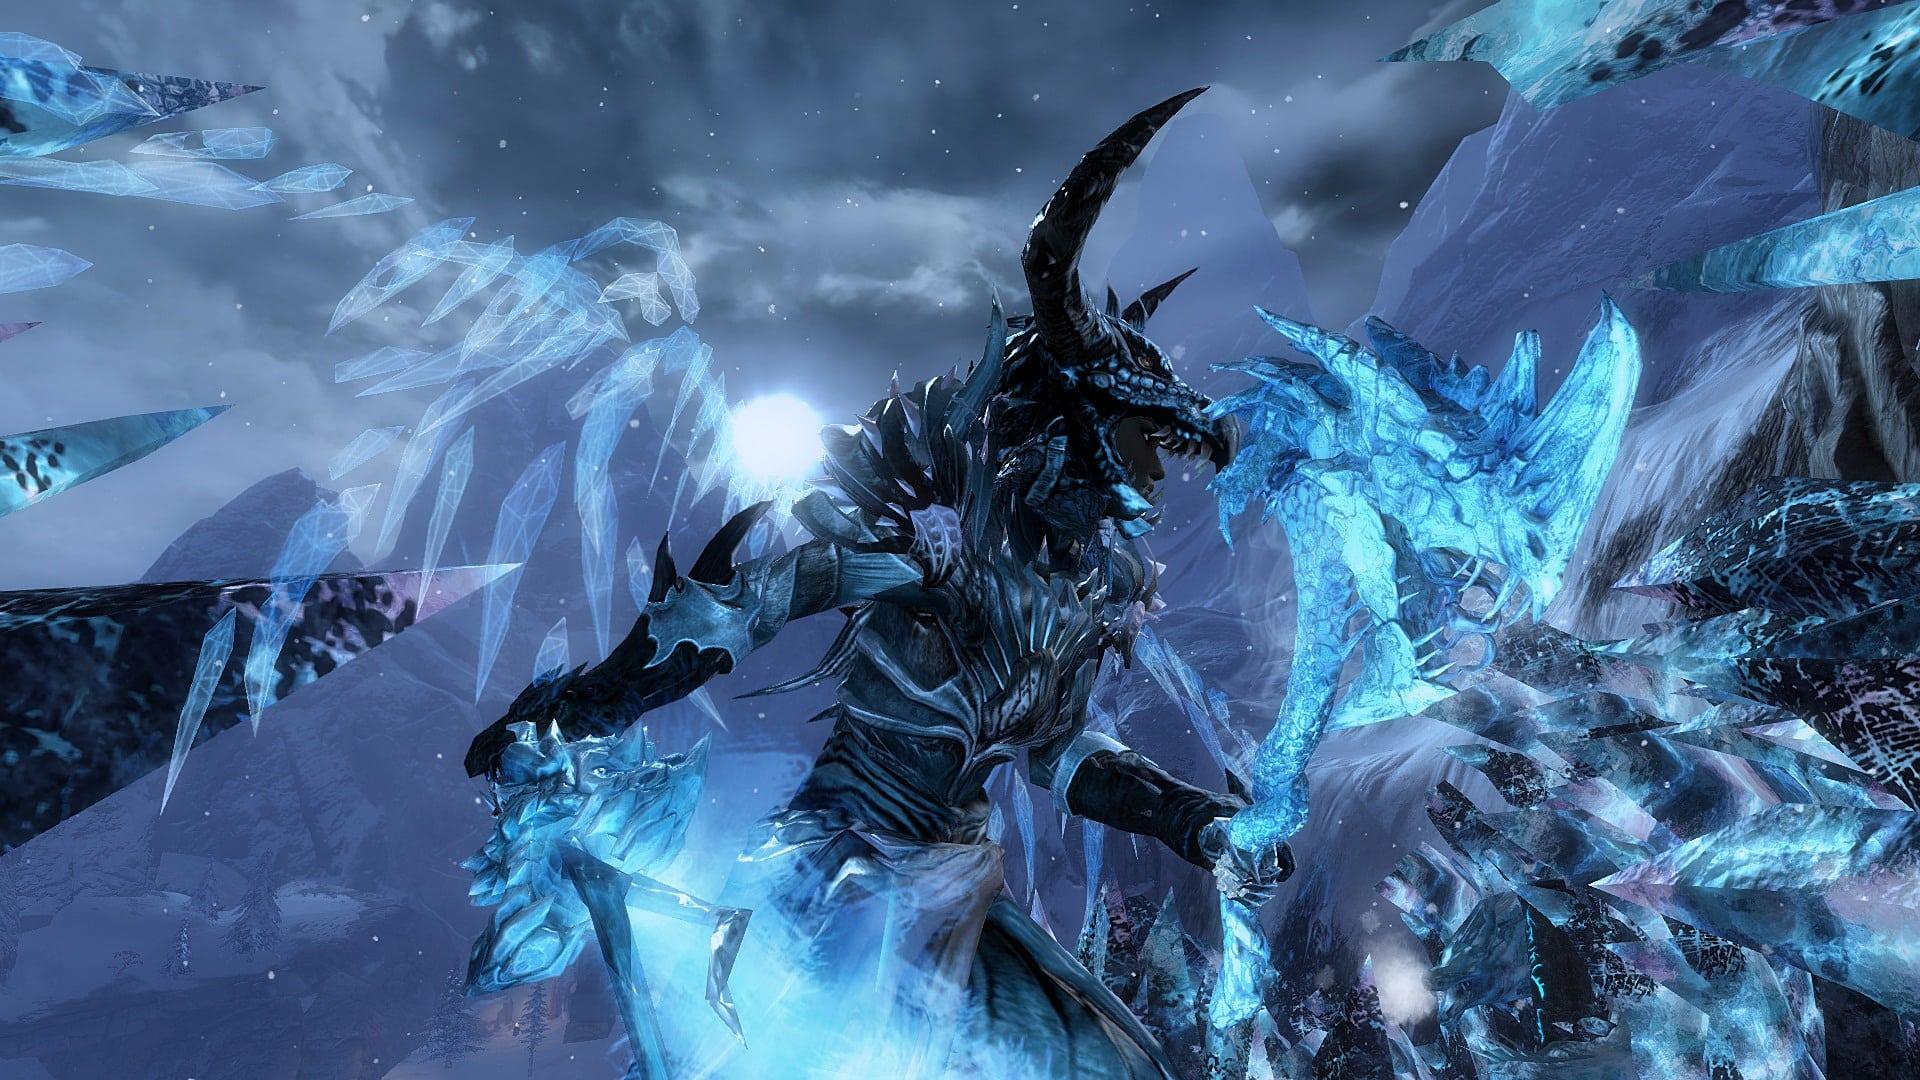 WoW Летящий ледяной дракон без смс